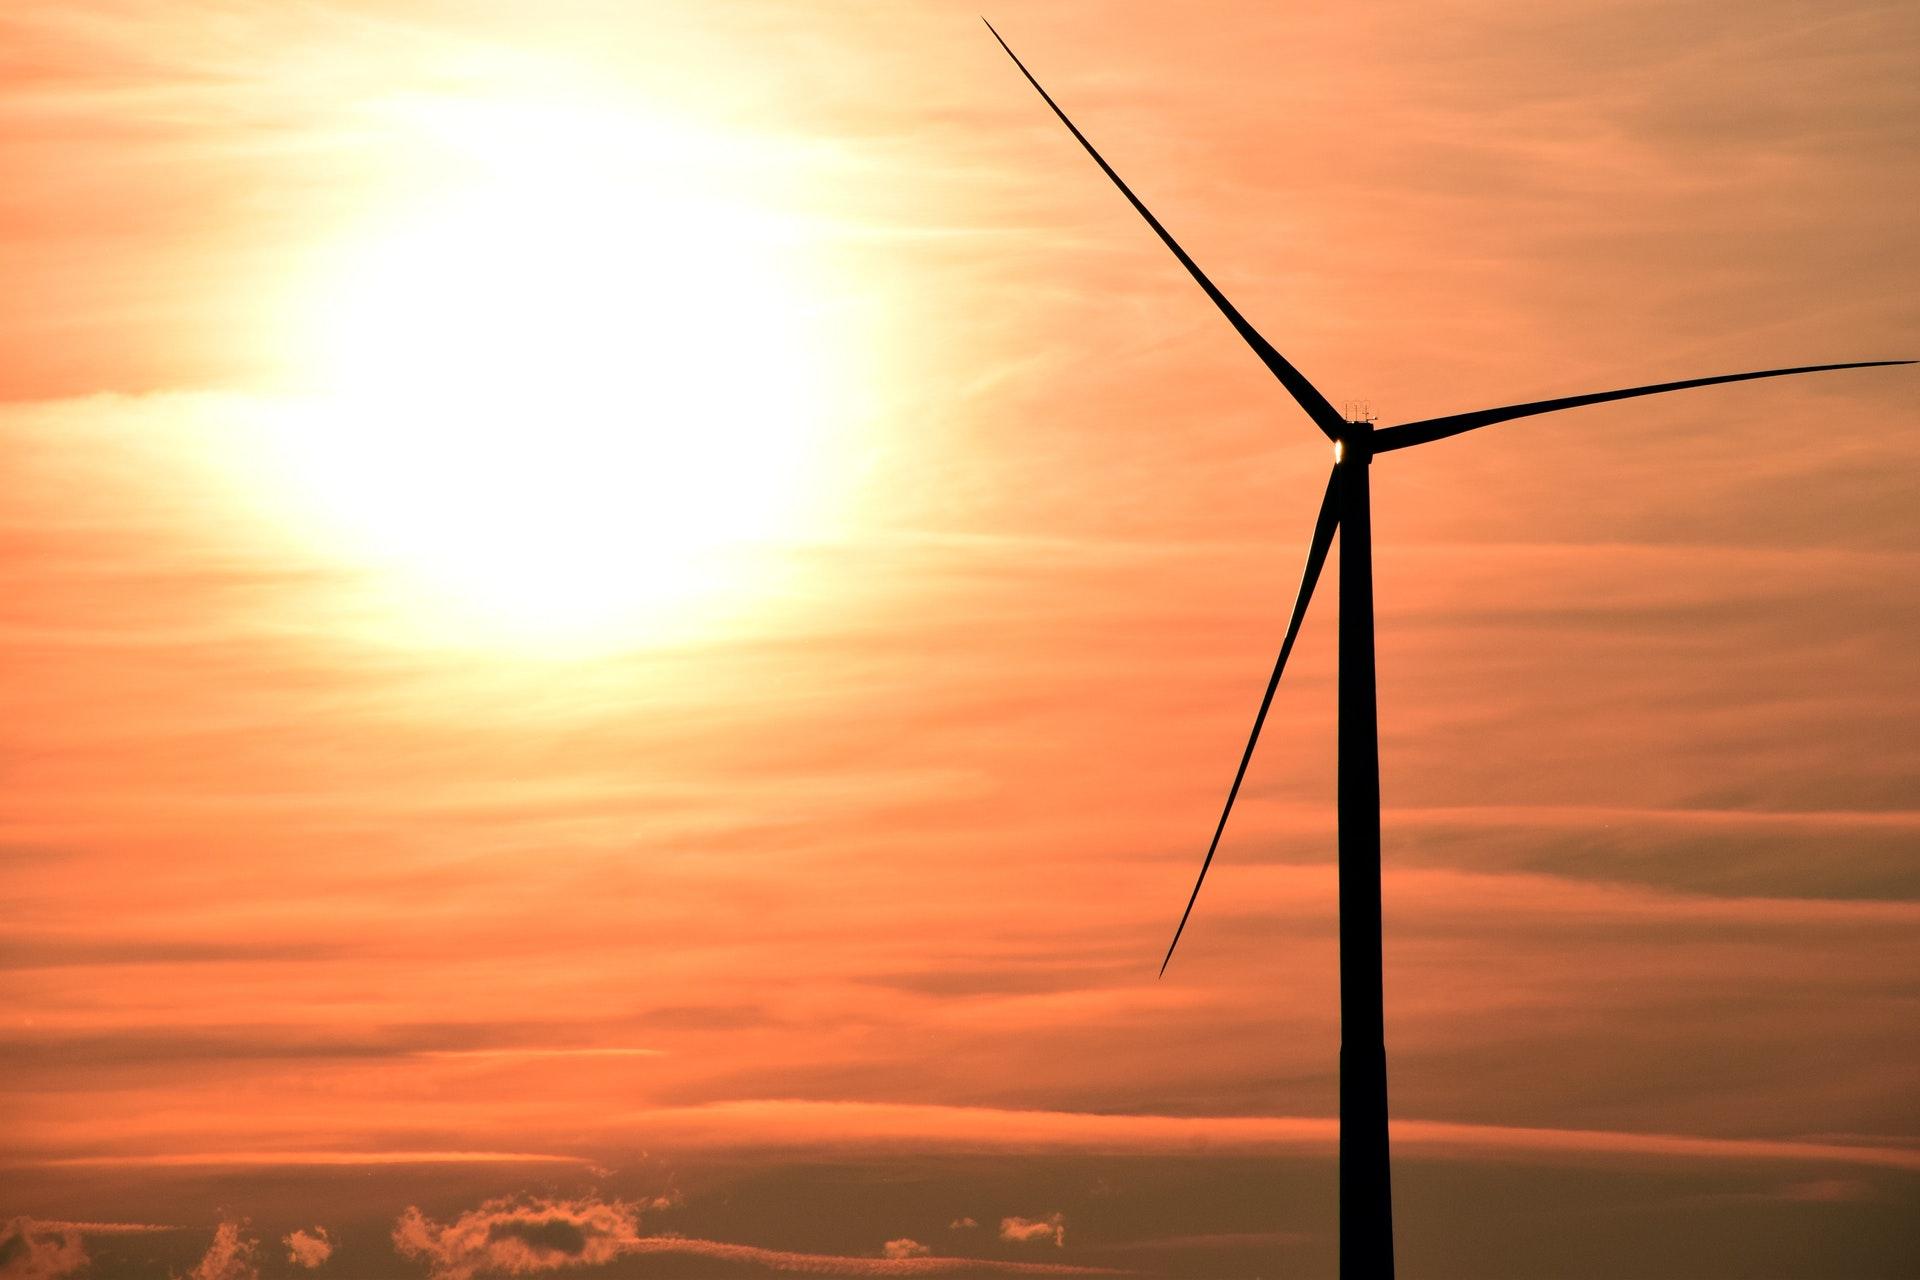 klima, vindmølle, sol, solnedgang, sommer, himmel, co2, fn, natur